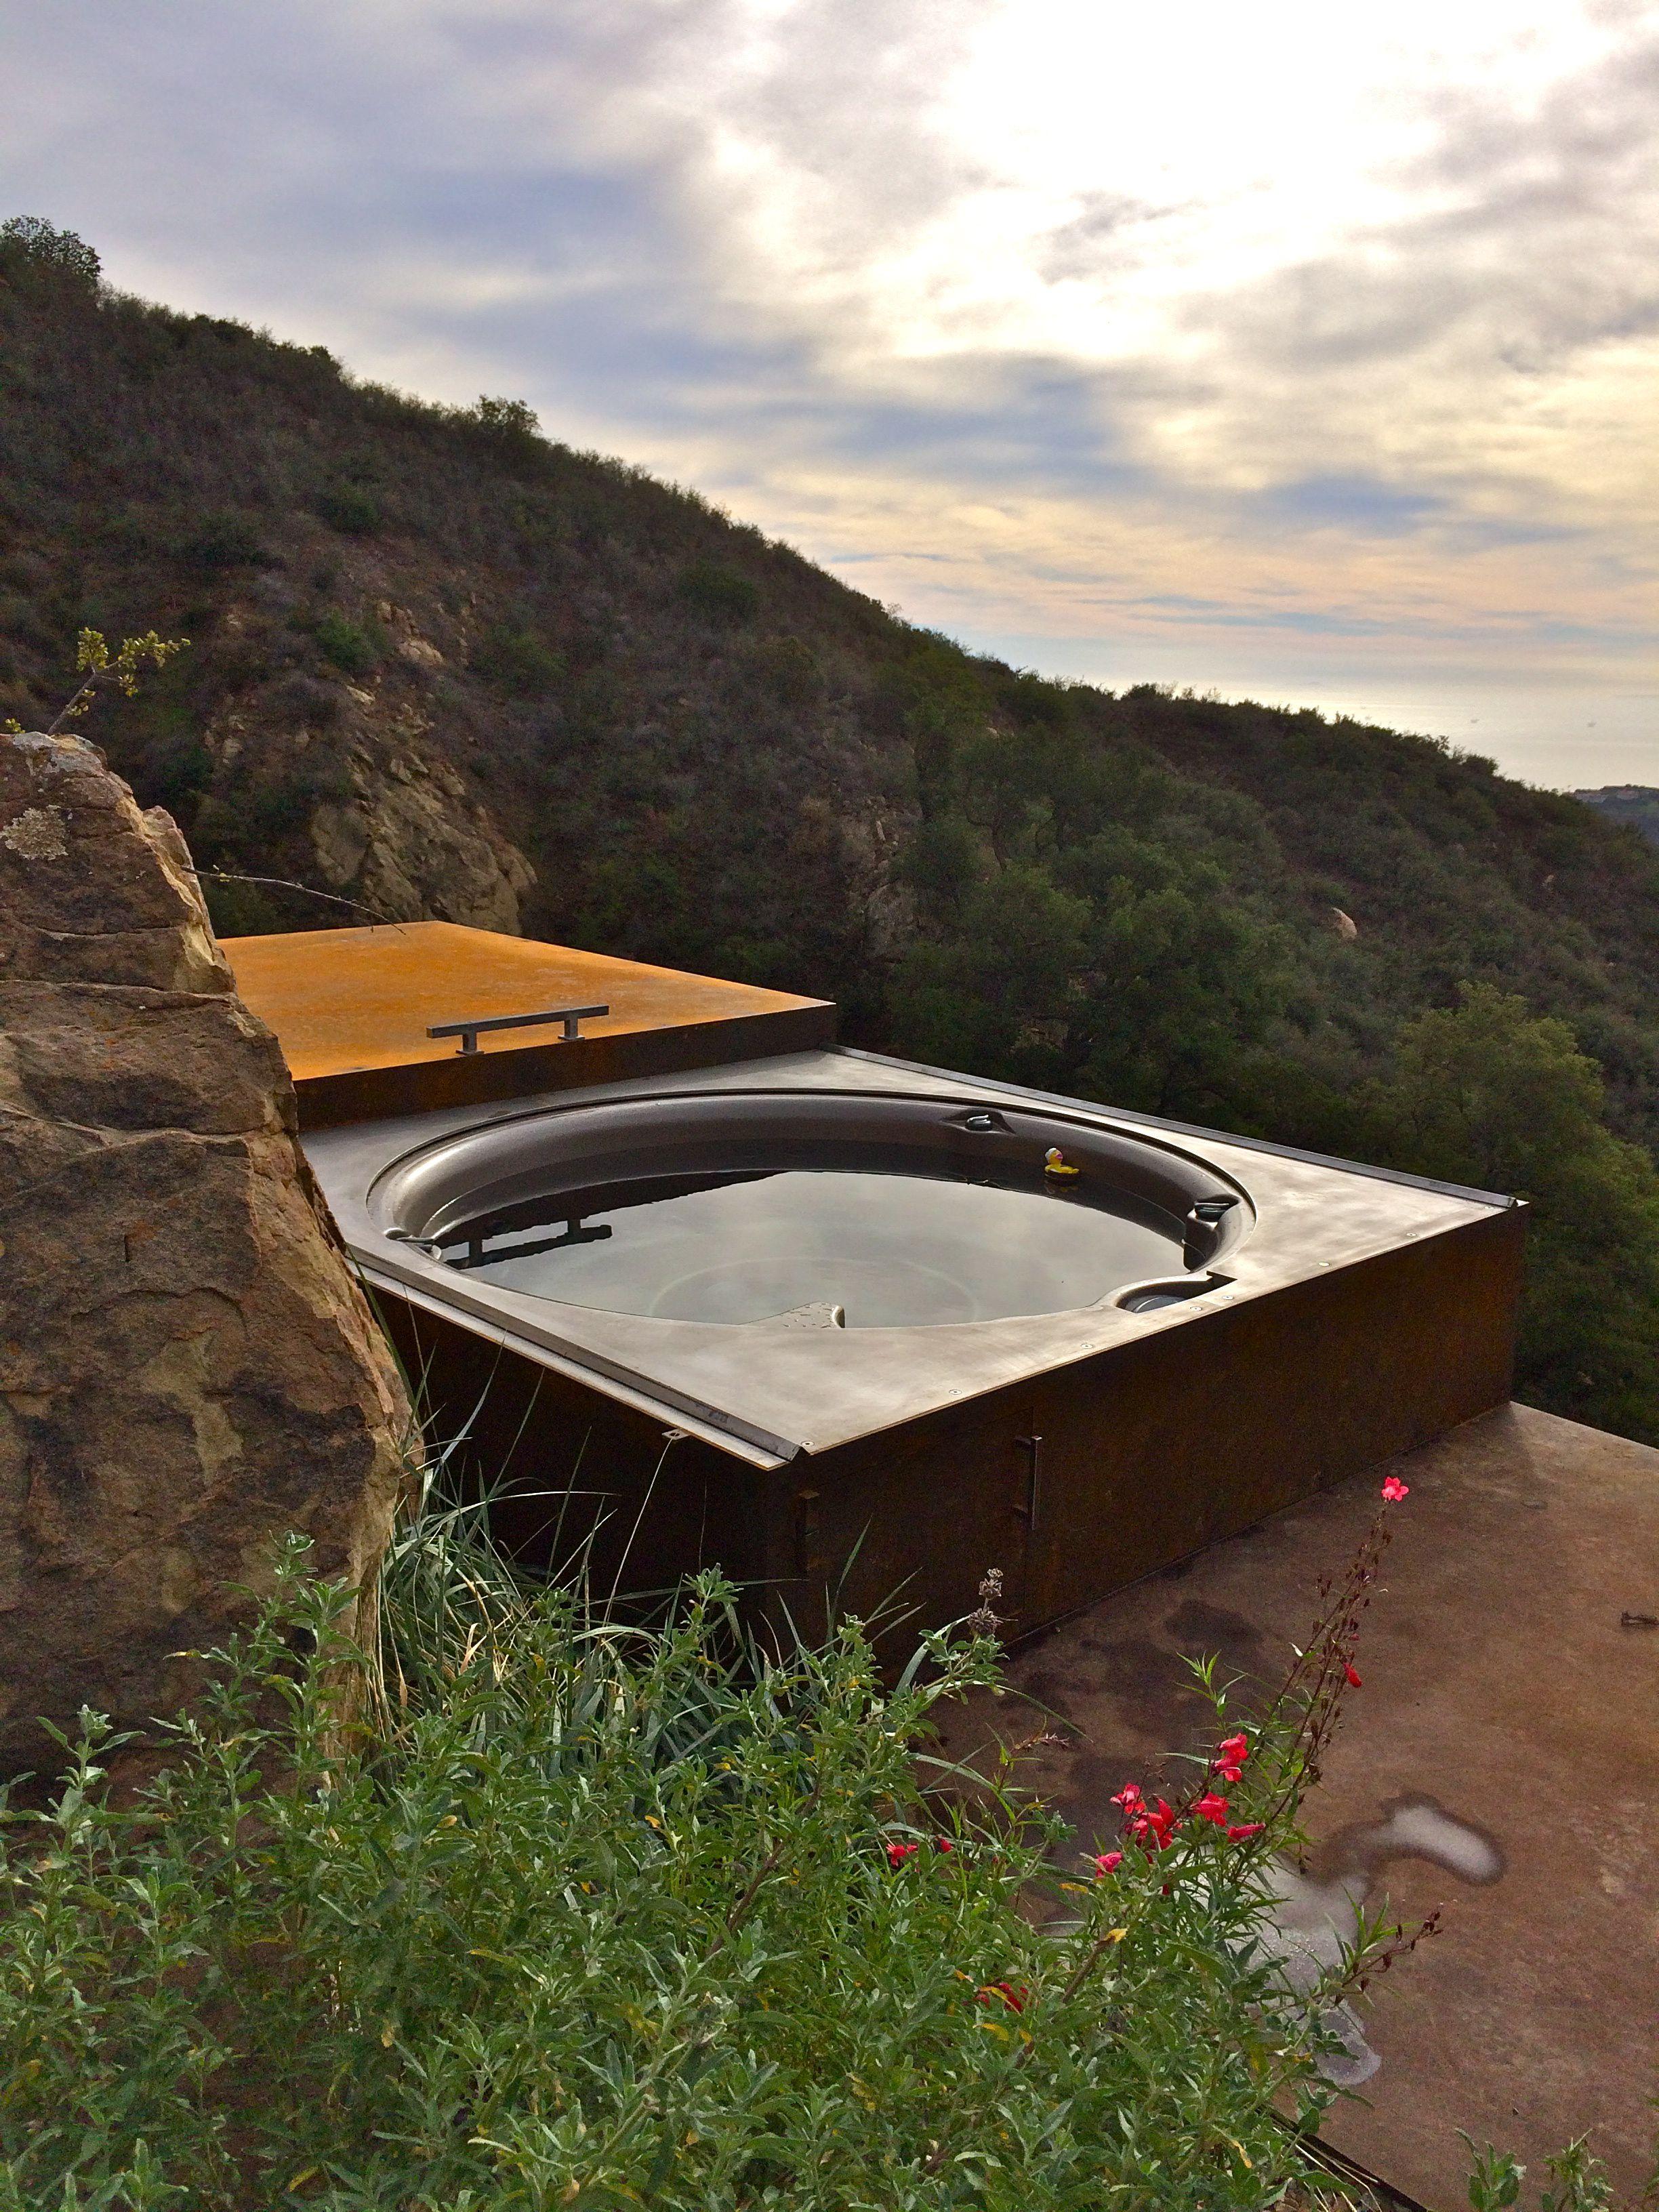 jacuzzi j210 spa set in steel bunker. www.gordonandgrant